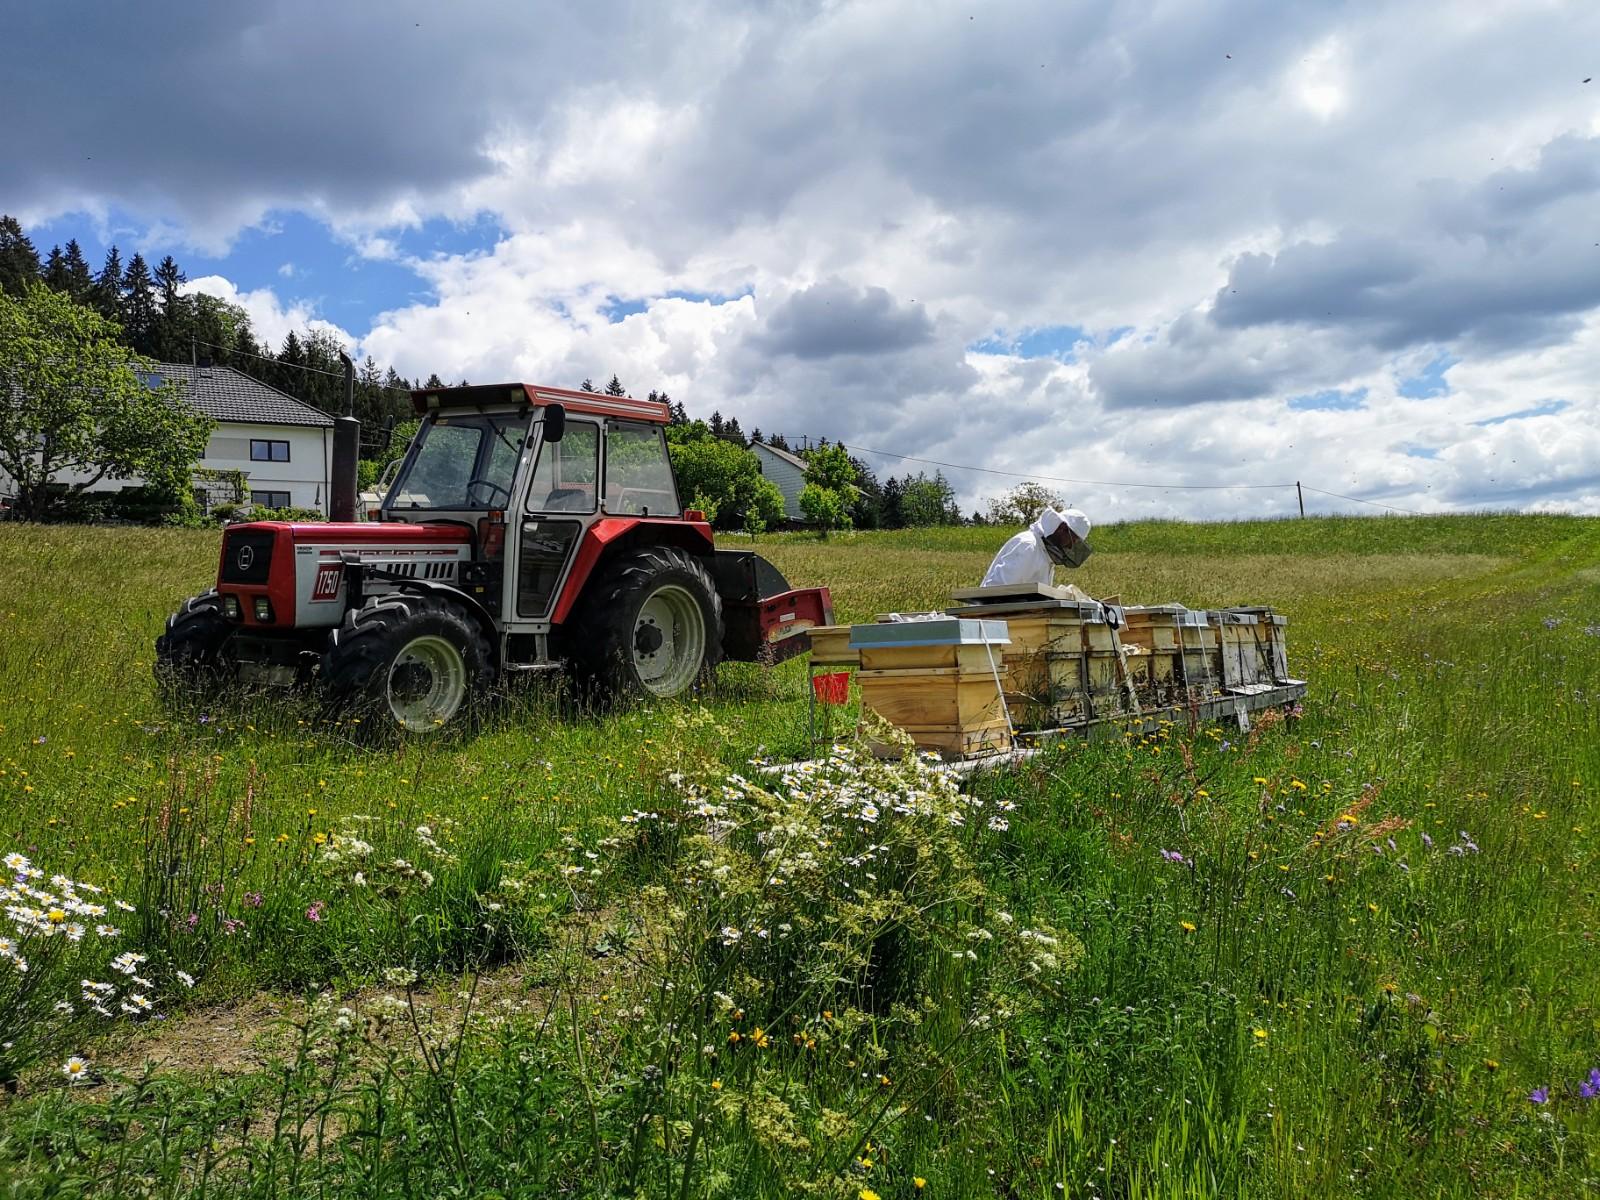 Imkerei Bramreither - Helfenberg - Penning - Mühlviertel - Honig Ernte - Blütenhonig